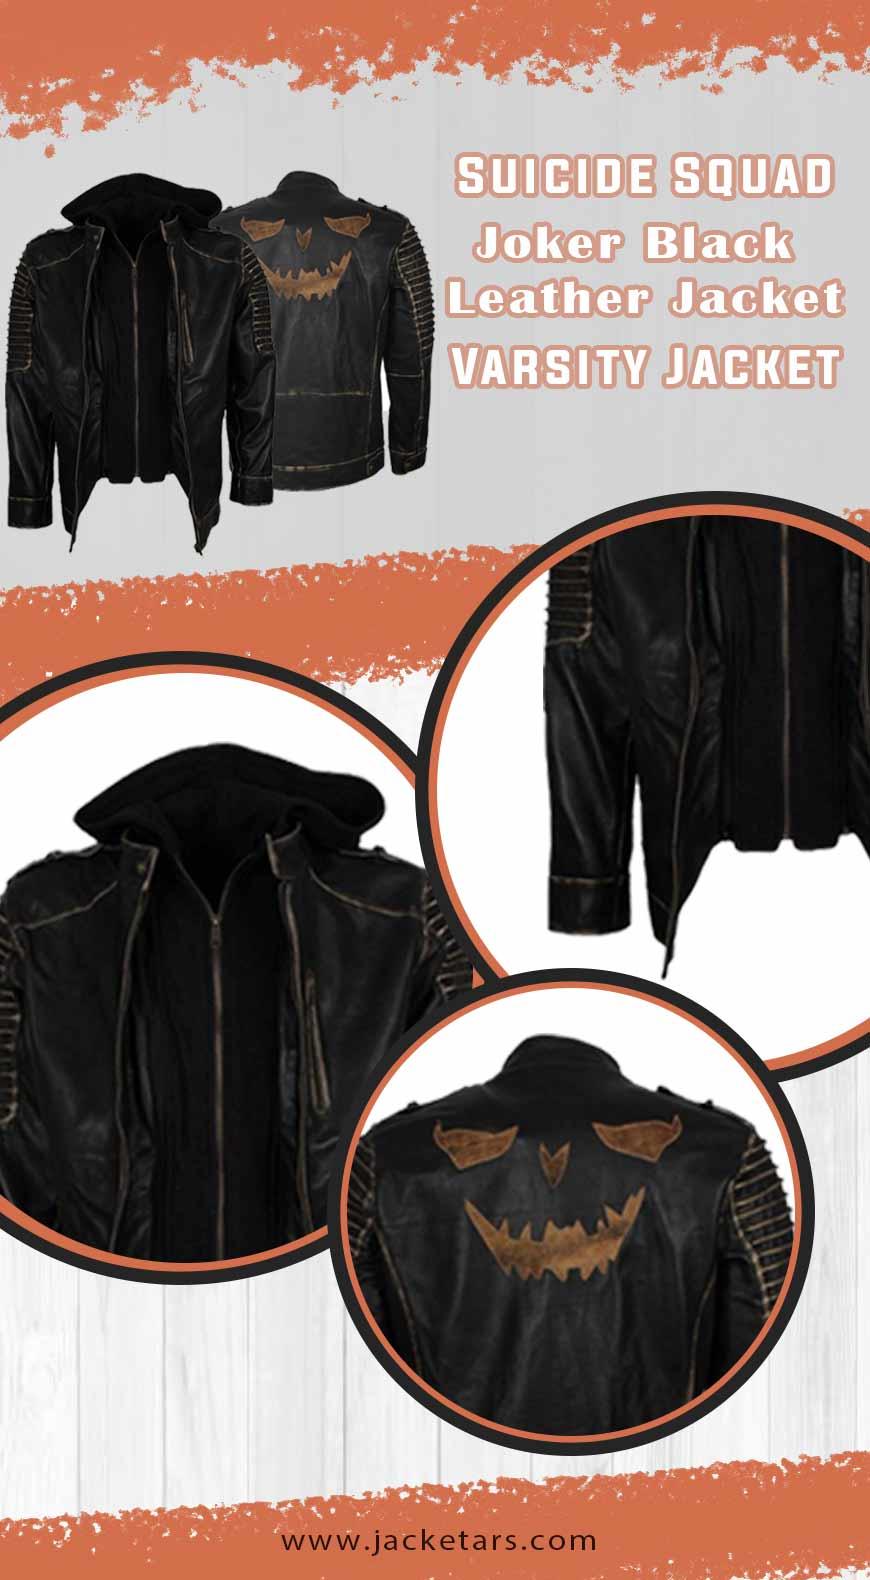 Suicide Squad Joker Black Leather Jacket INFO